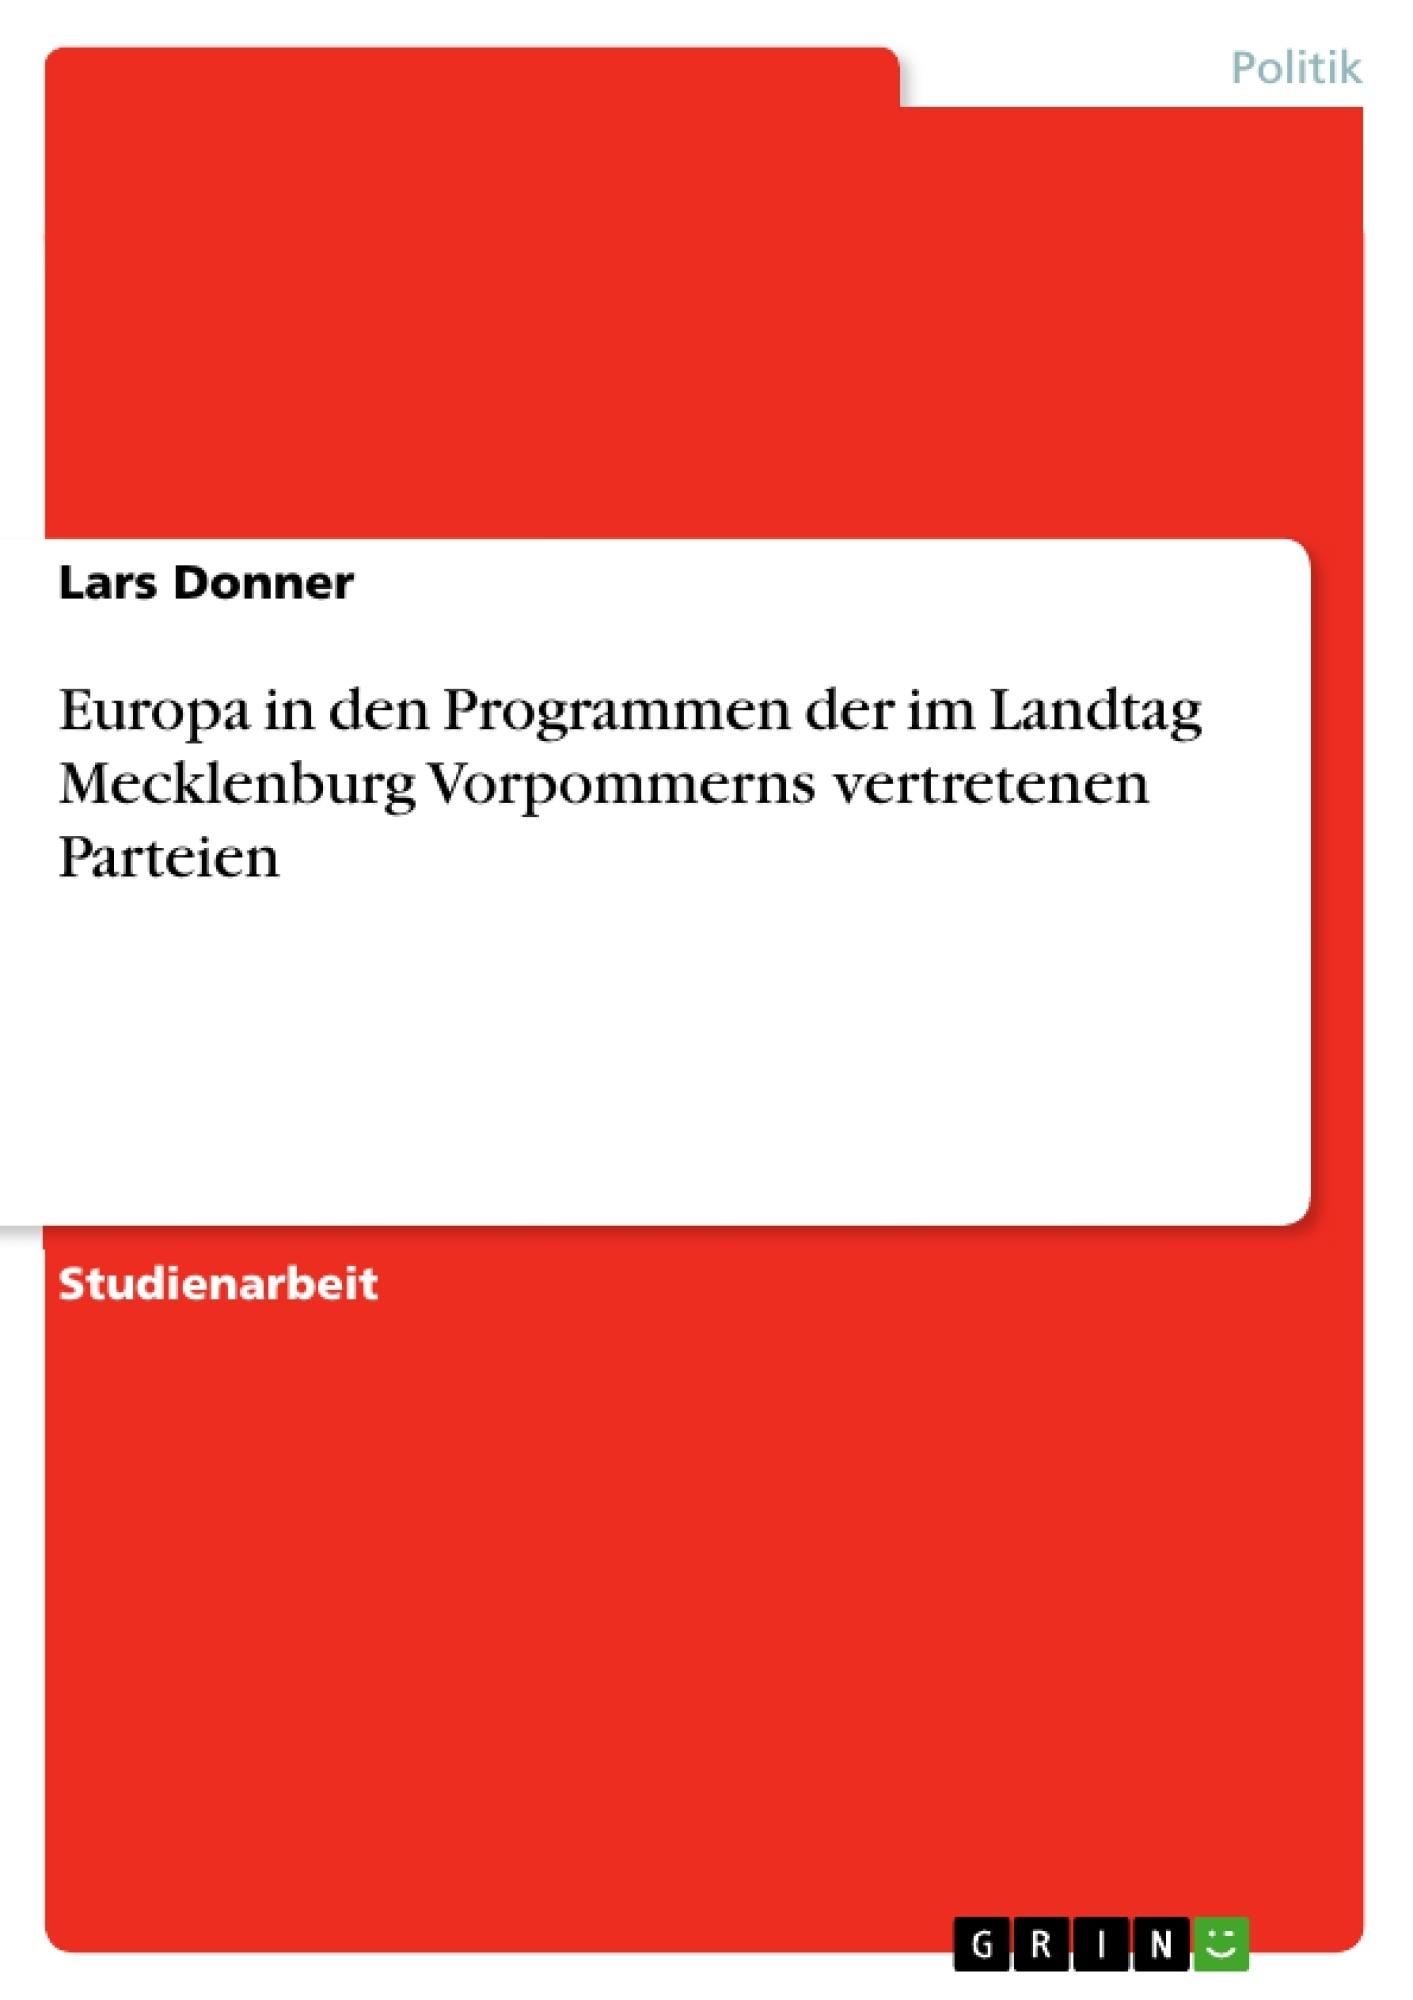 Titel: Europa in den Programmen der im Landtag Mecklenburg Vorpommerns vertretenen Parteien